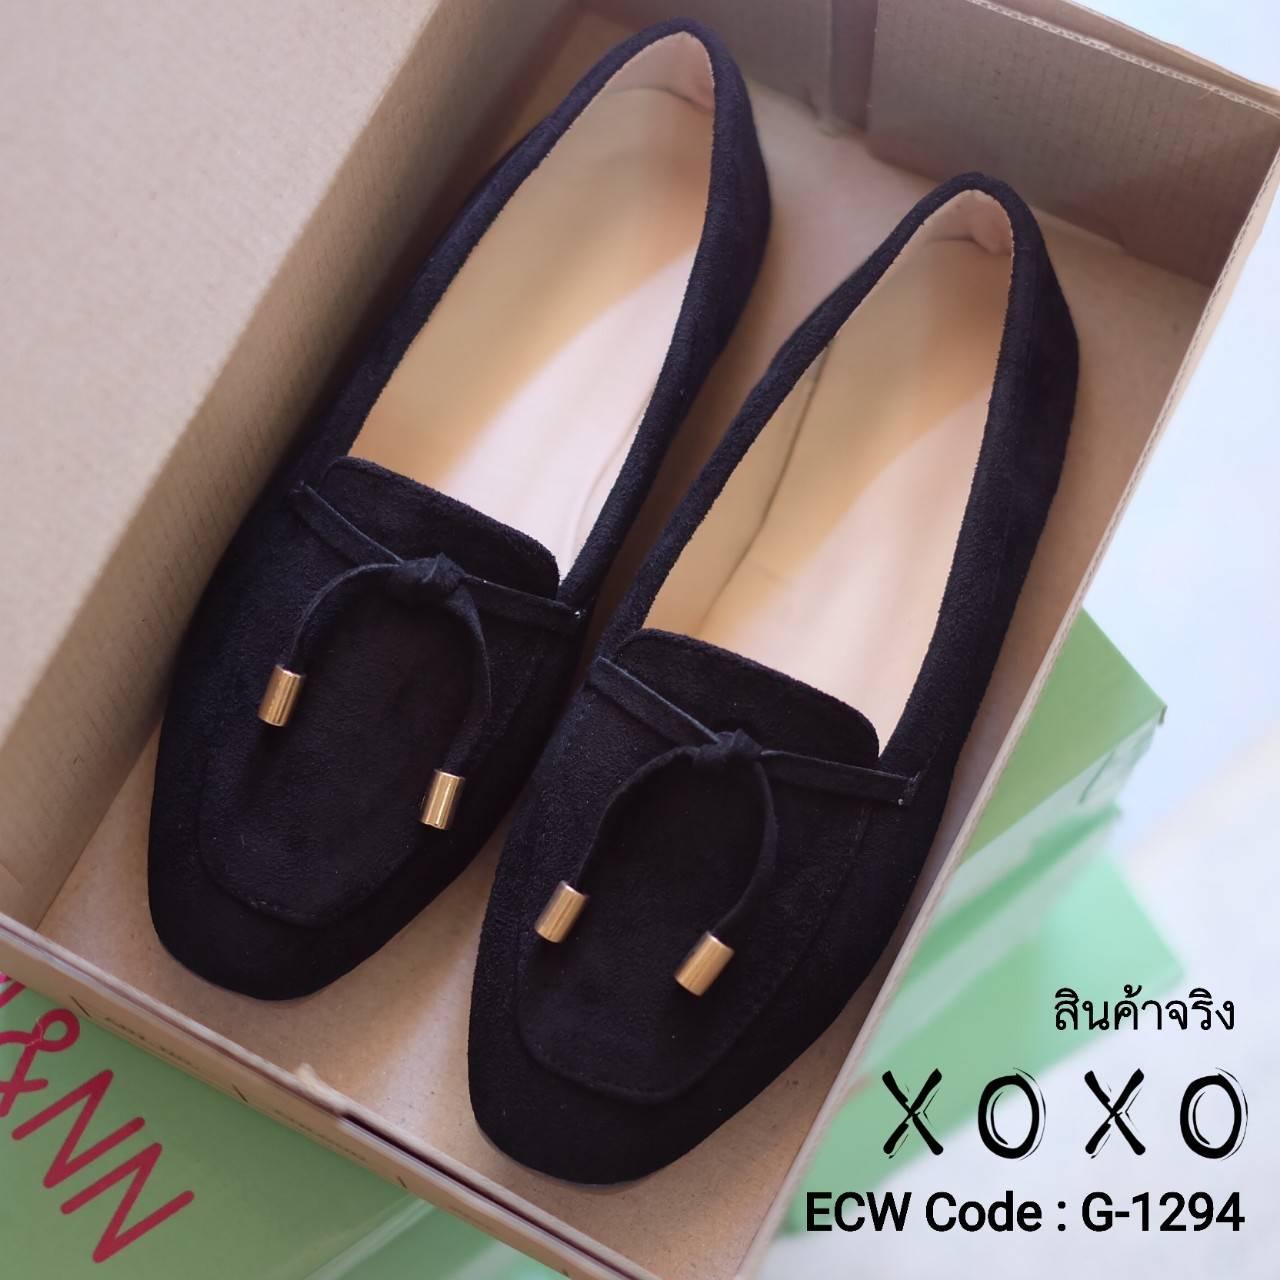 รองเท้าส้นแบน Style Tods (สีดำ)